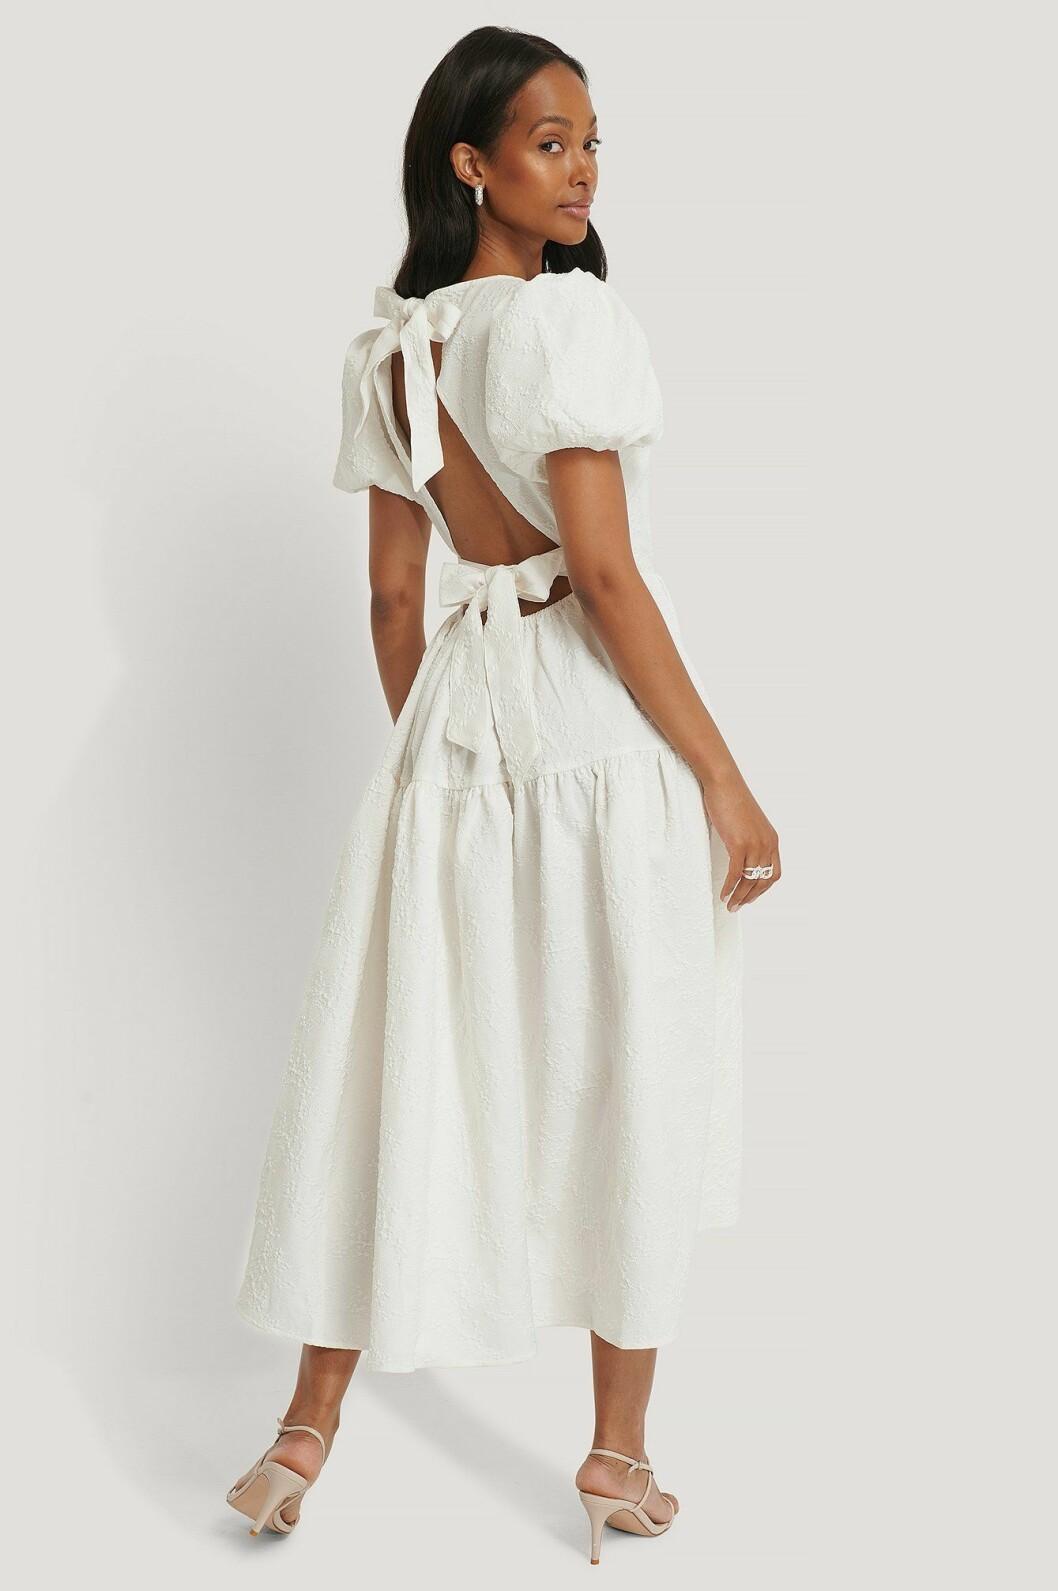 Vit klänning med öppen rygg